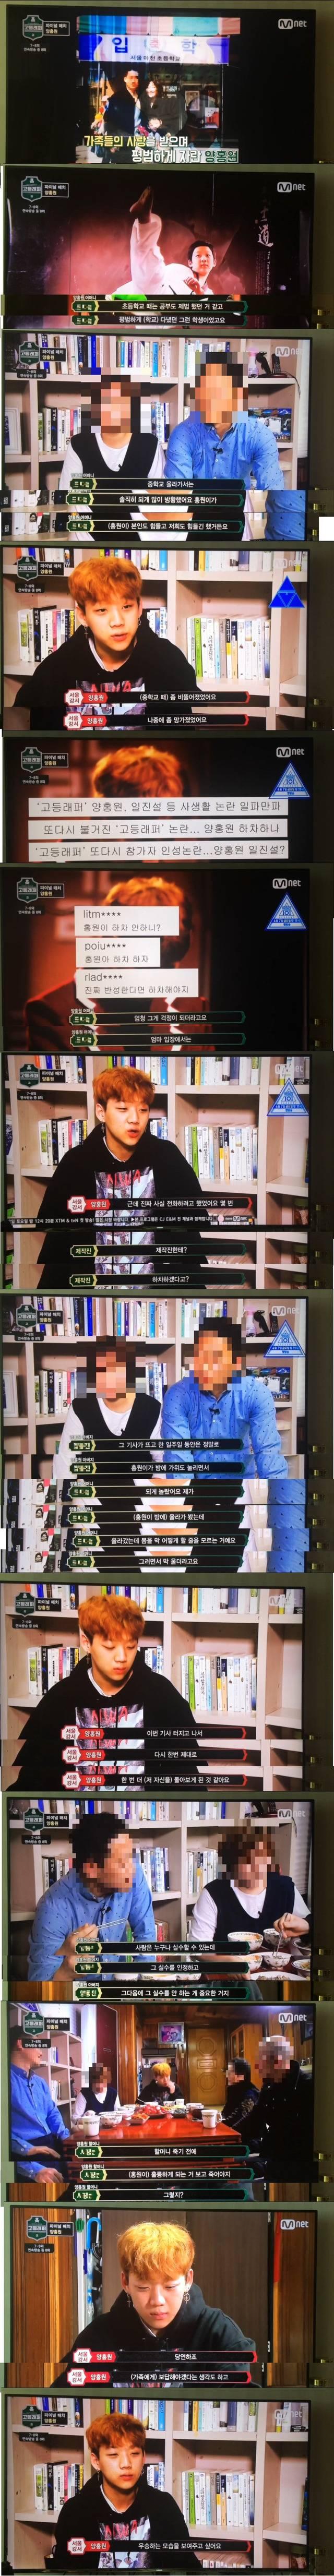 티비 기어나오는 학교폭력 가해자의 코스프레 | 인스티즈